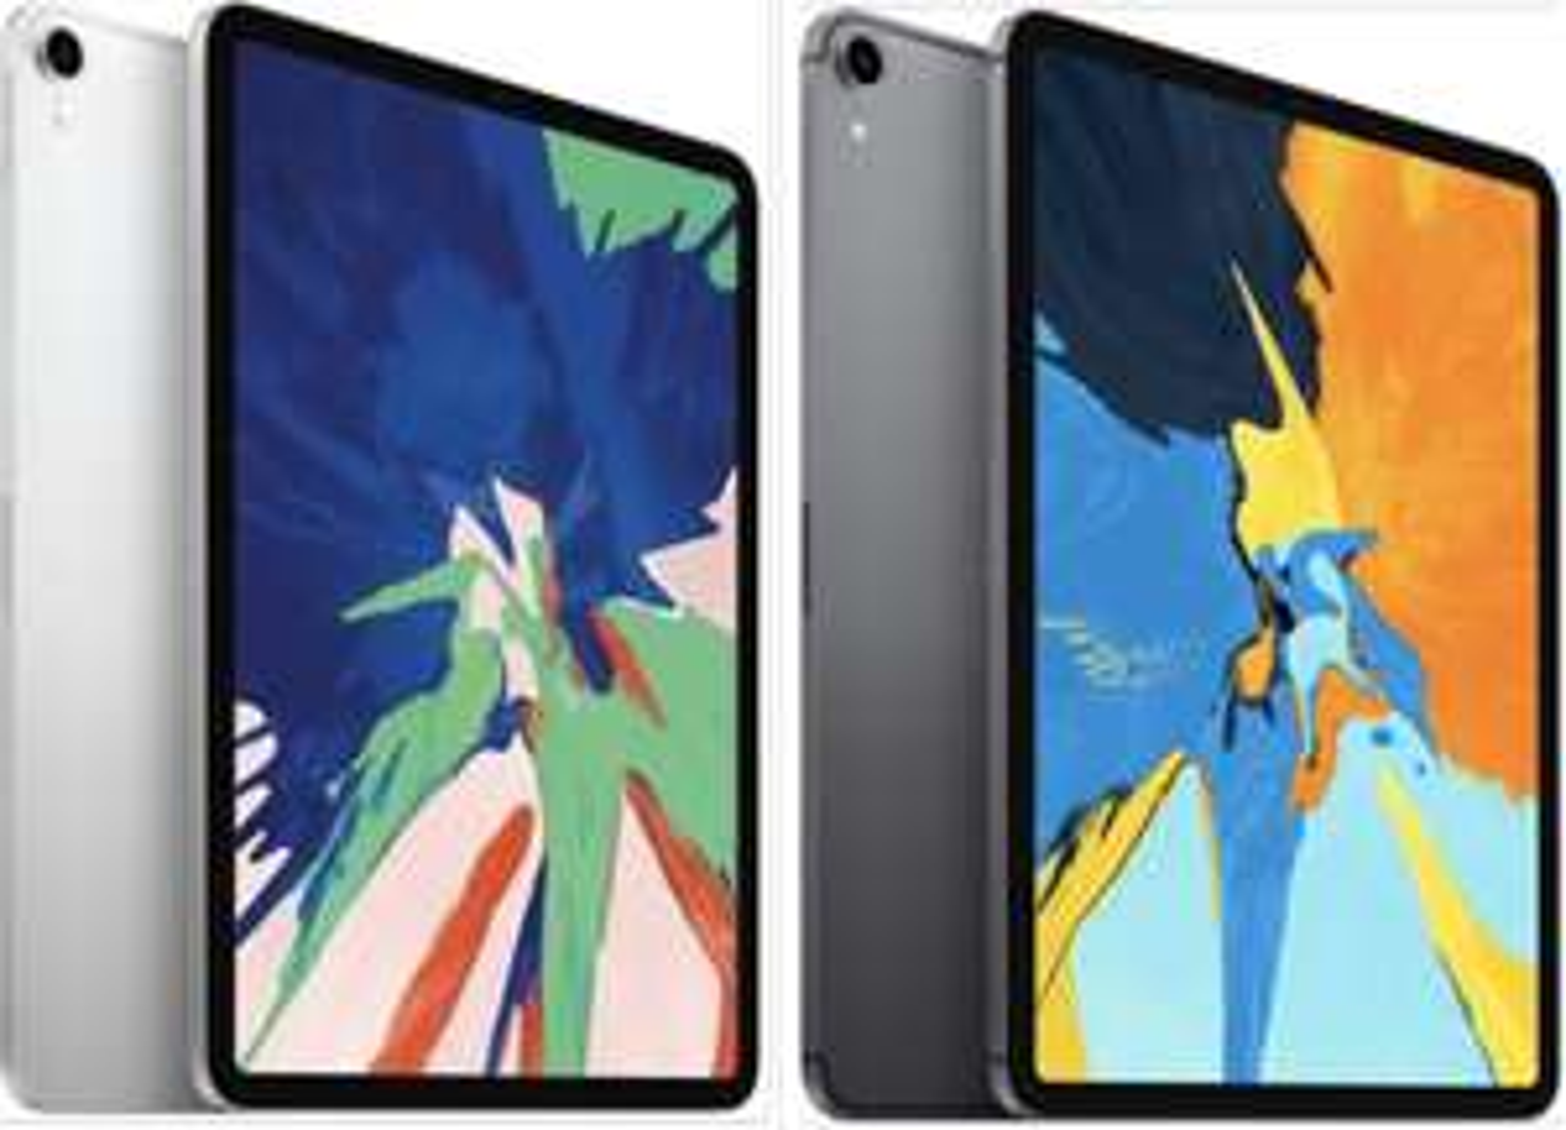 Apple iPad Pro 11 WiFi silber 64GB für 699€ oder 256GB spacegrau o. silber für 859€ inkl. Versandkosten - 12.9 Zoll WiFi 64GB für 909€